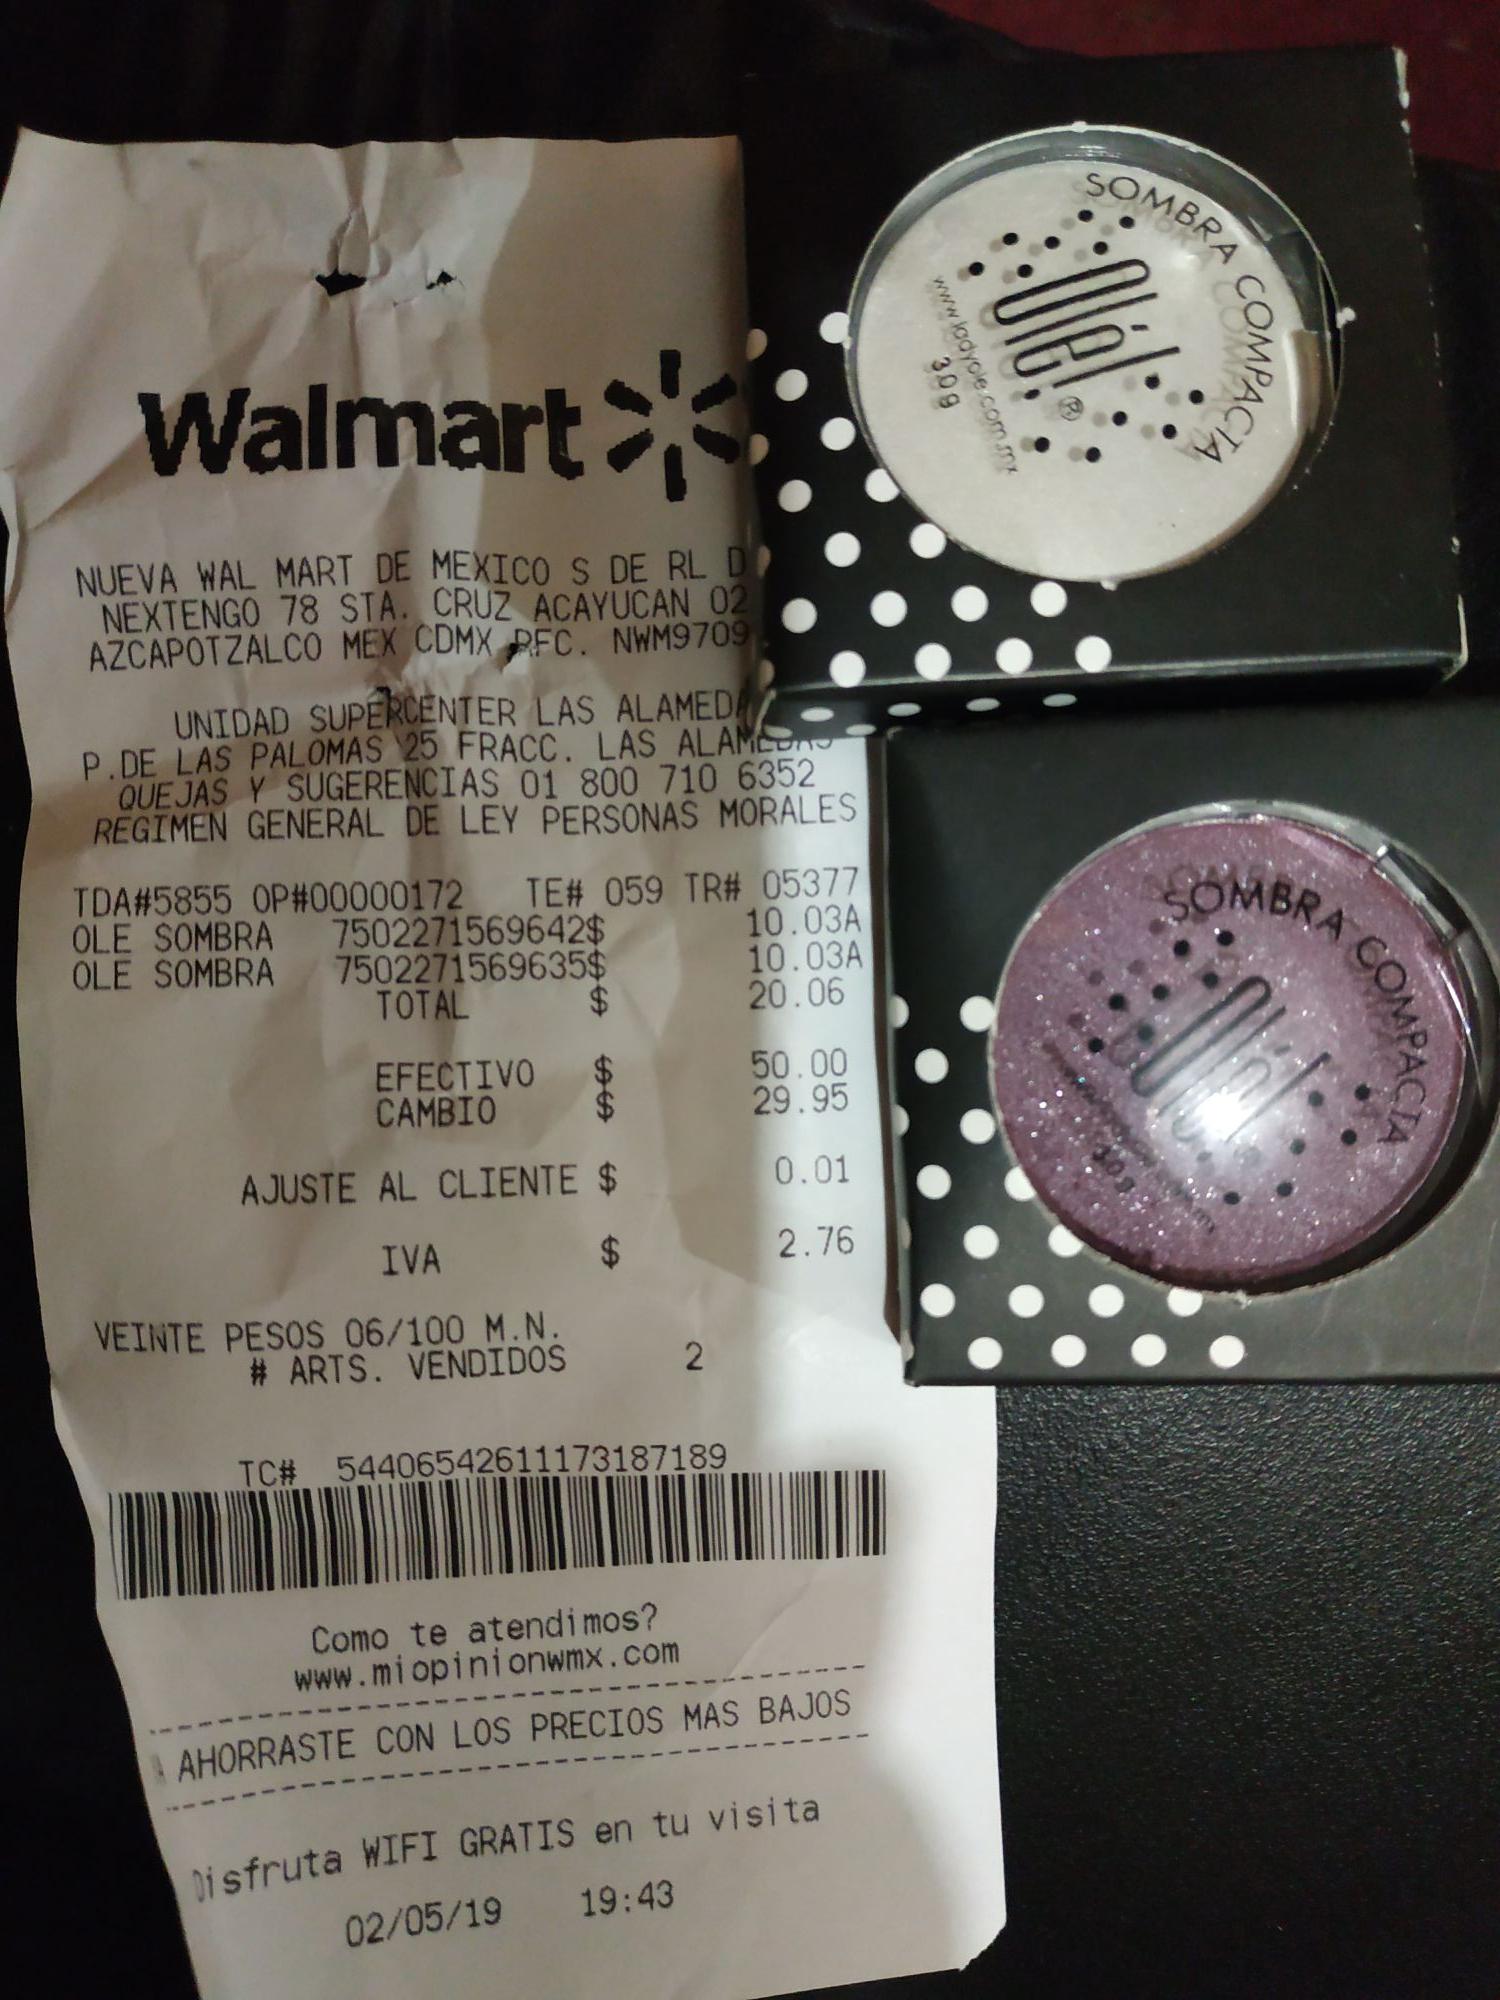 Walmart: Sombra en $10.00